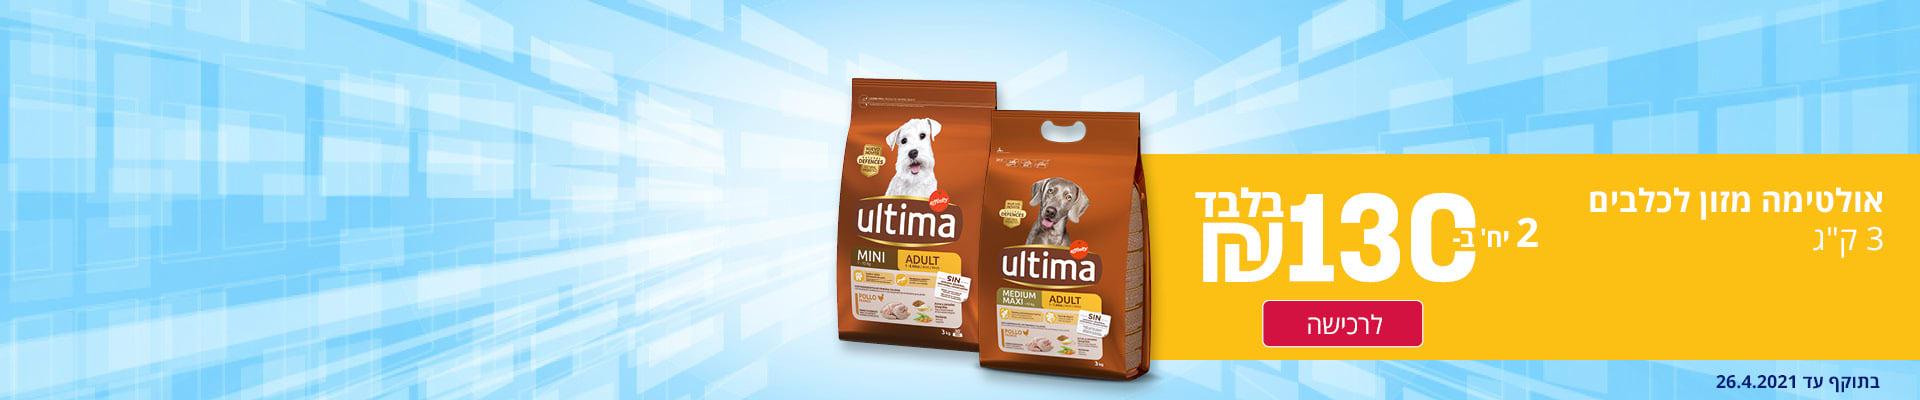 """אולטימה מזון לכלבים 3 ק""""ג 2 יח' ב- 130 ₪ בלבד לרכישה בתוקף עד 26.4.2021"""